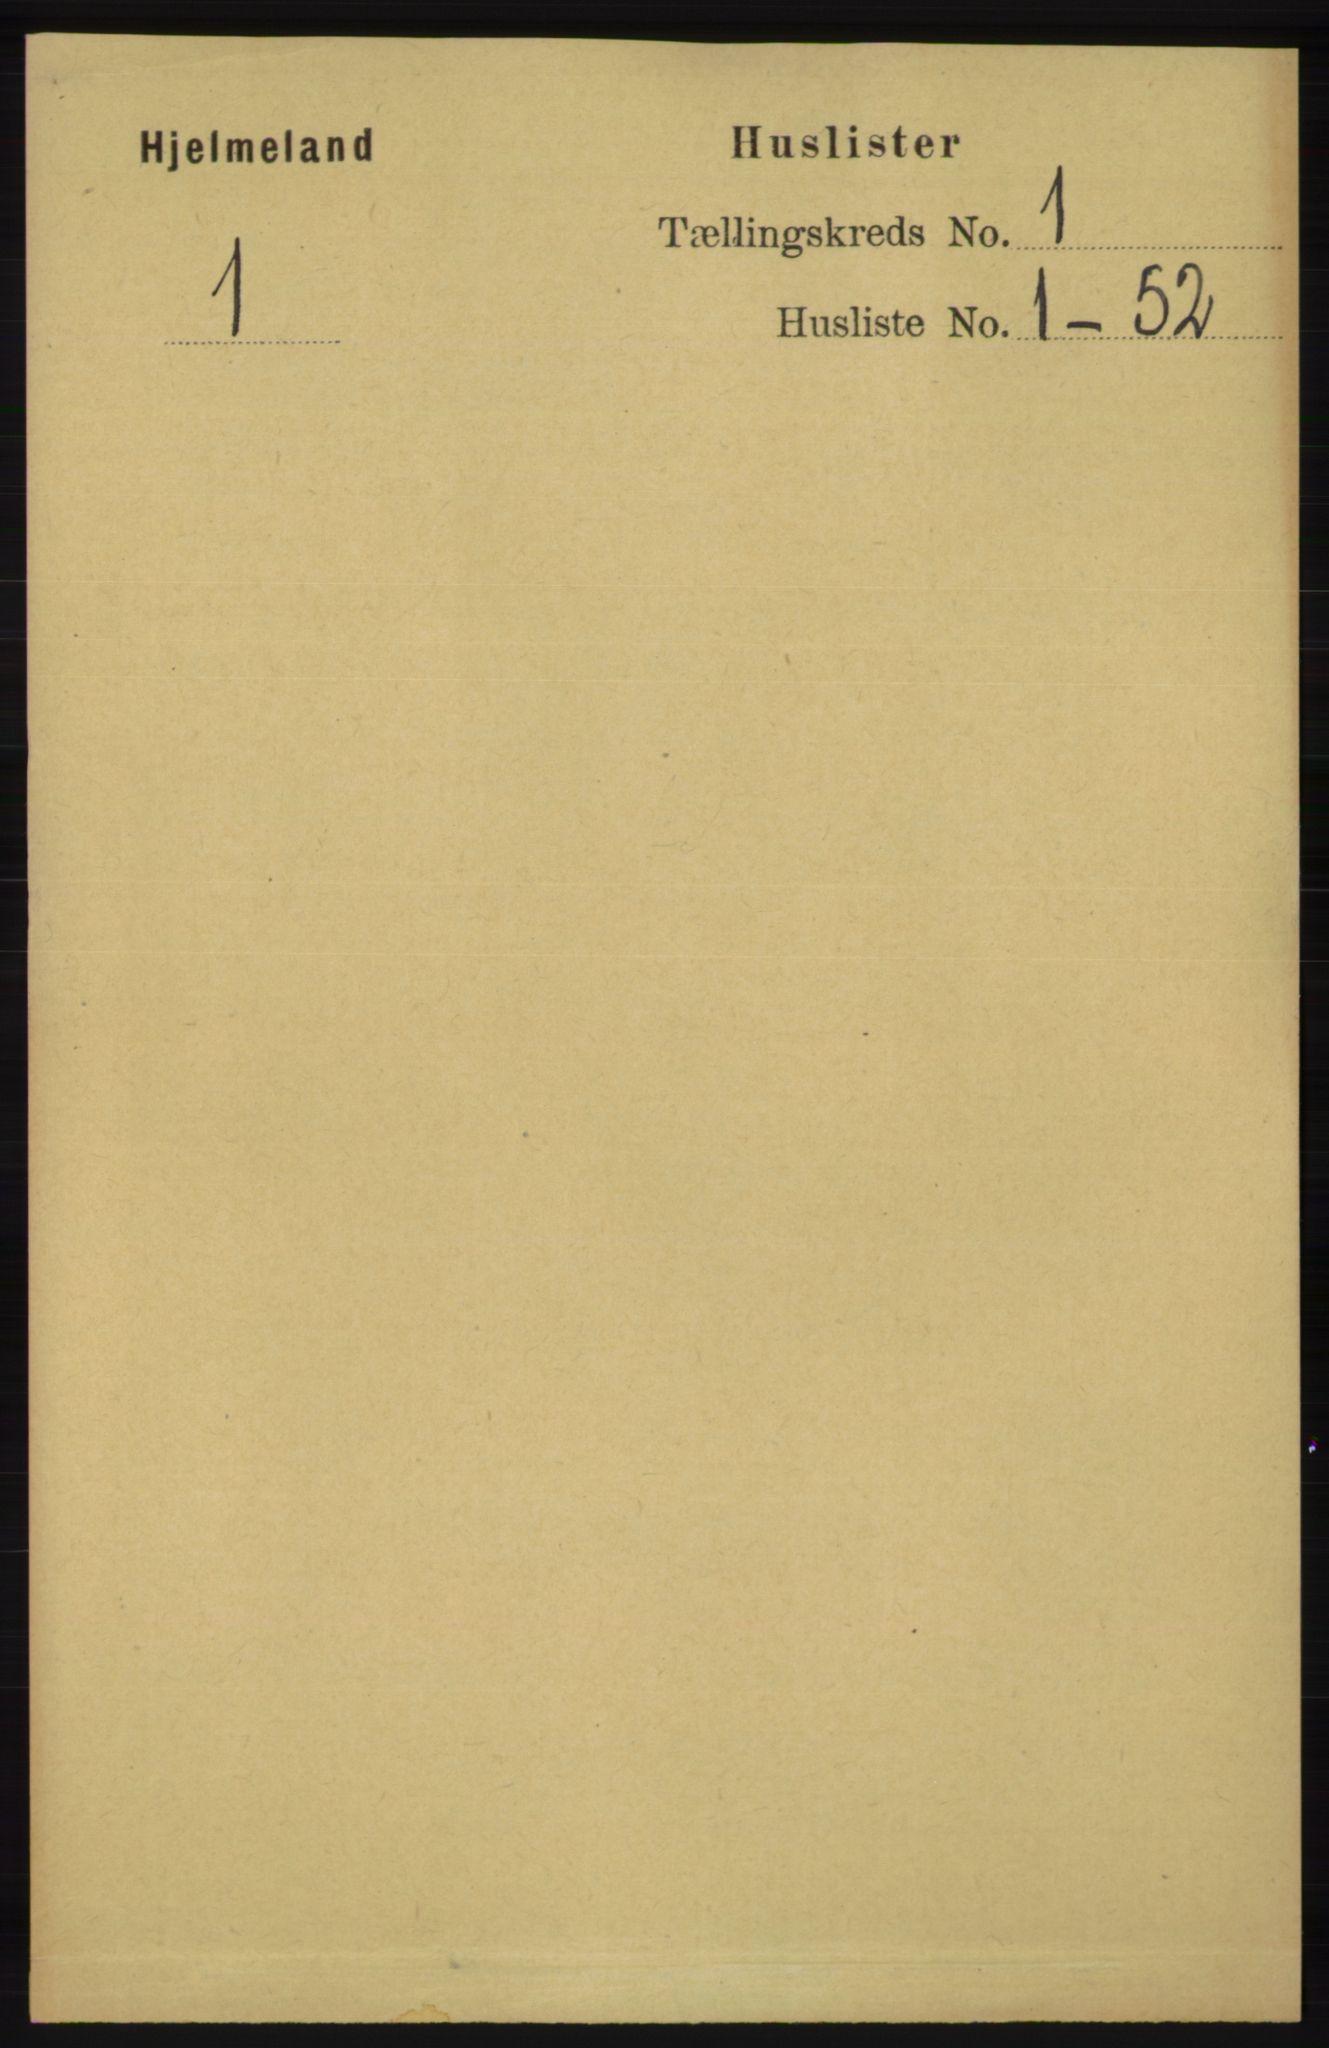 RA, Folketelling 1891 for 1133 Hjelmeland herred, 1891, s. 22